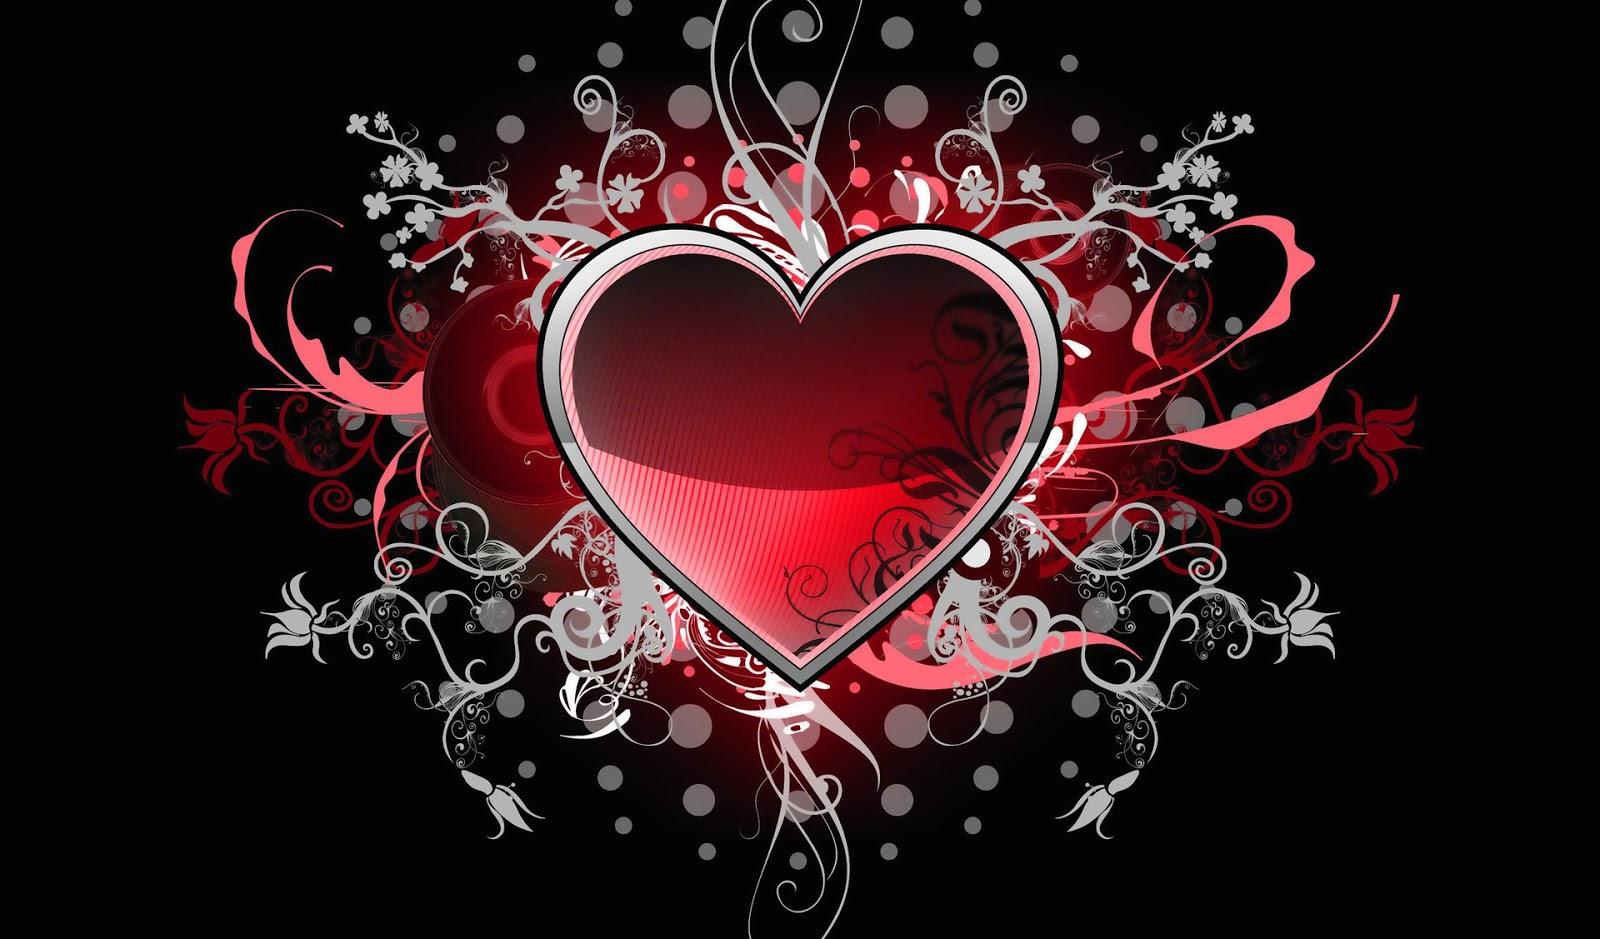 http://4.bp.blogspot.com/-ZC0qjIfC5-M/UQU8YM0-LqI/AAAAAAAABFc/CWyBDX6dNGw/s1600/valentine%27s+day+2013+wallpaper-nacozinhacomamalves.blogspot.com-valentines-day-2013-wallpaper.jpg